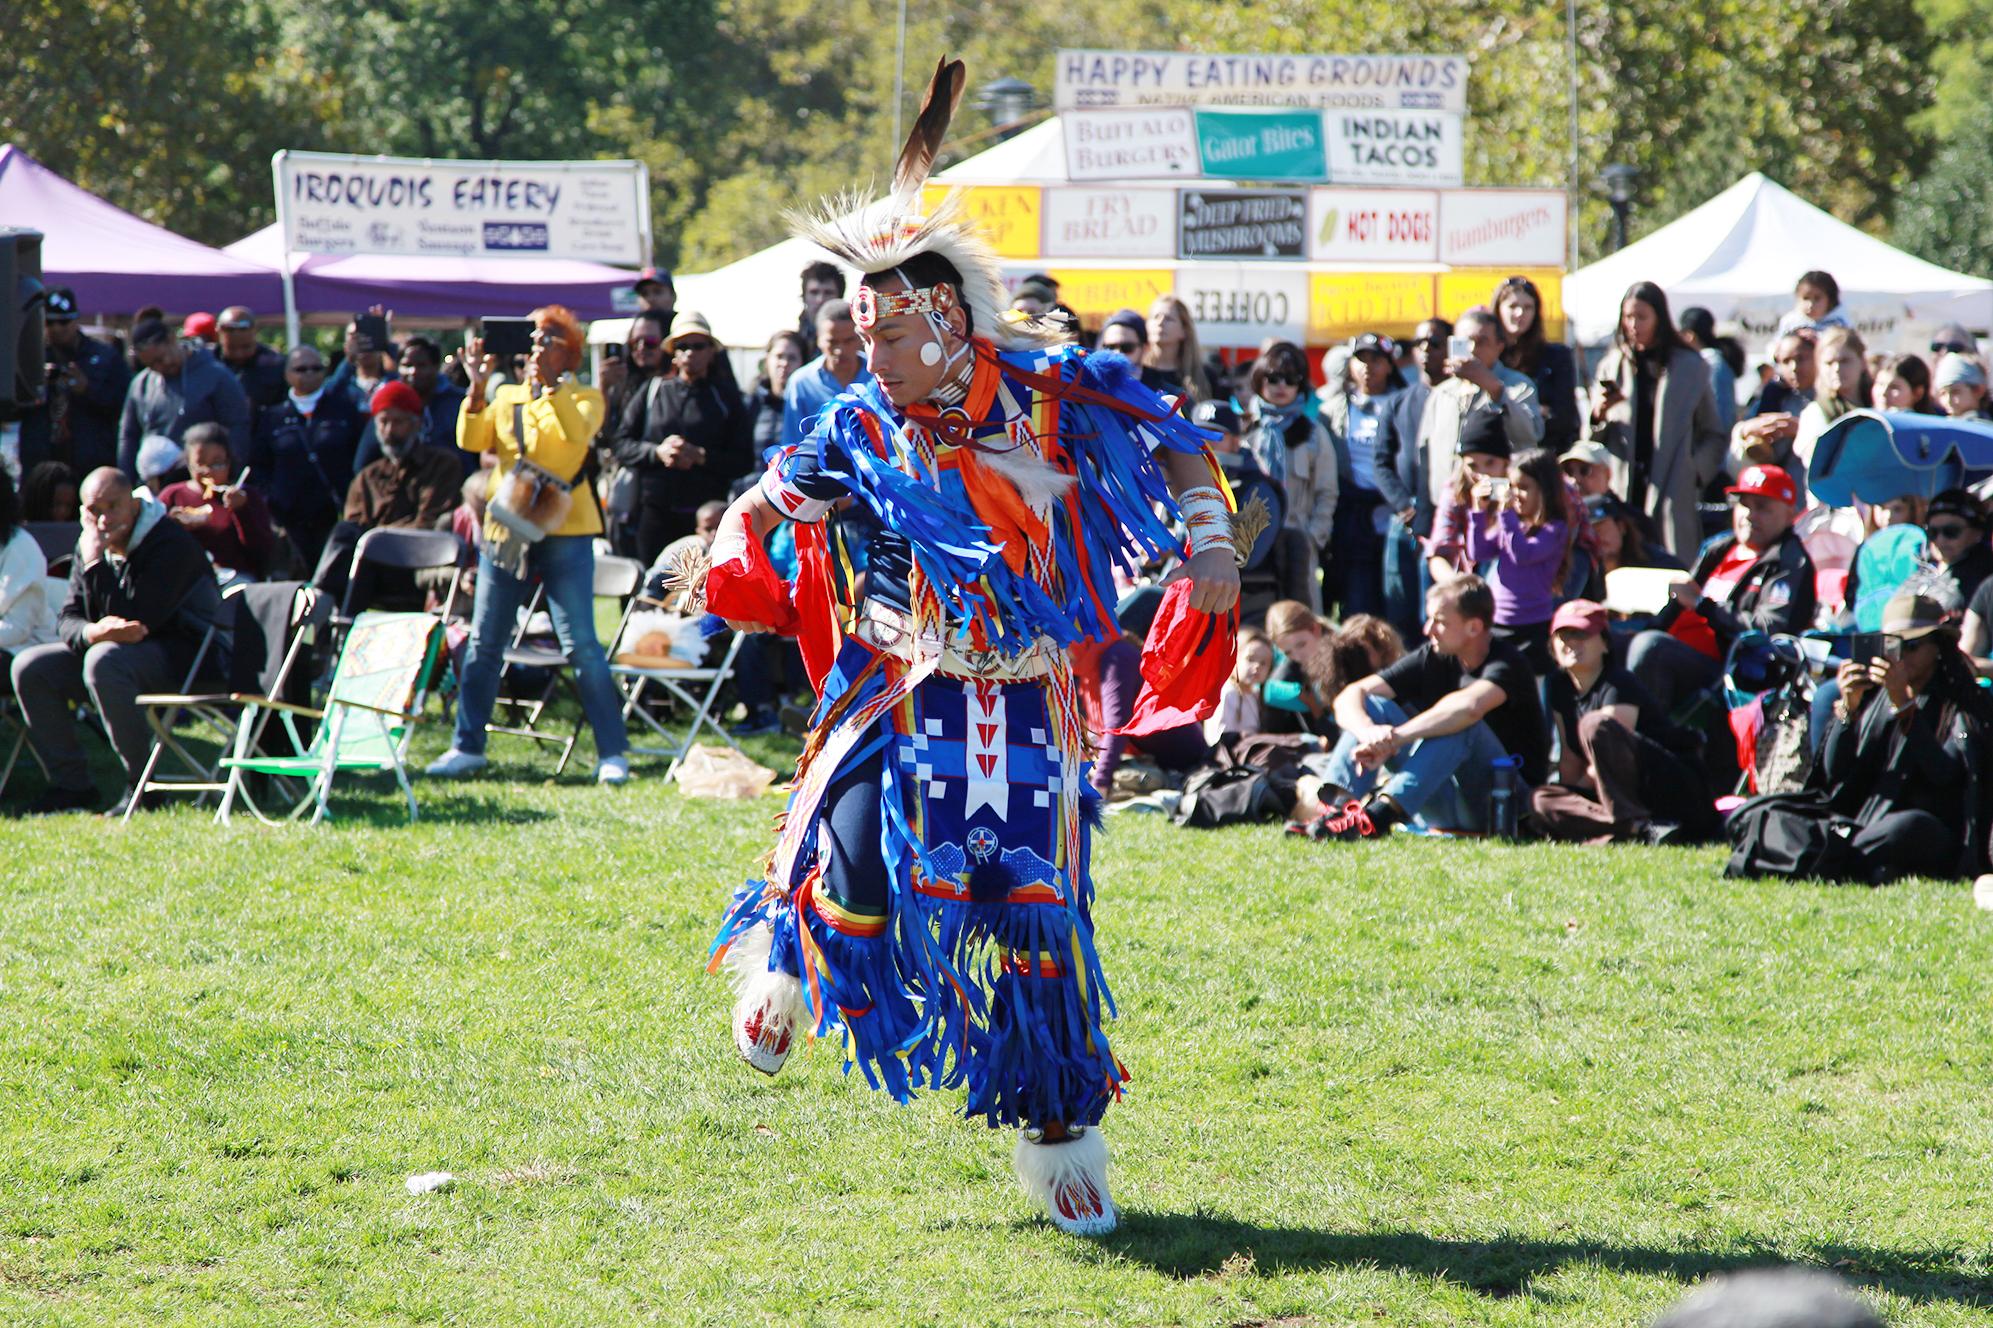 performer dancing in ceremonial dress